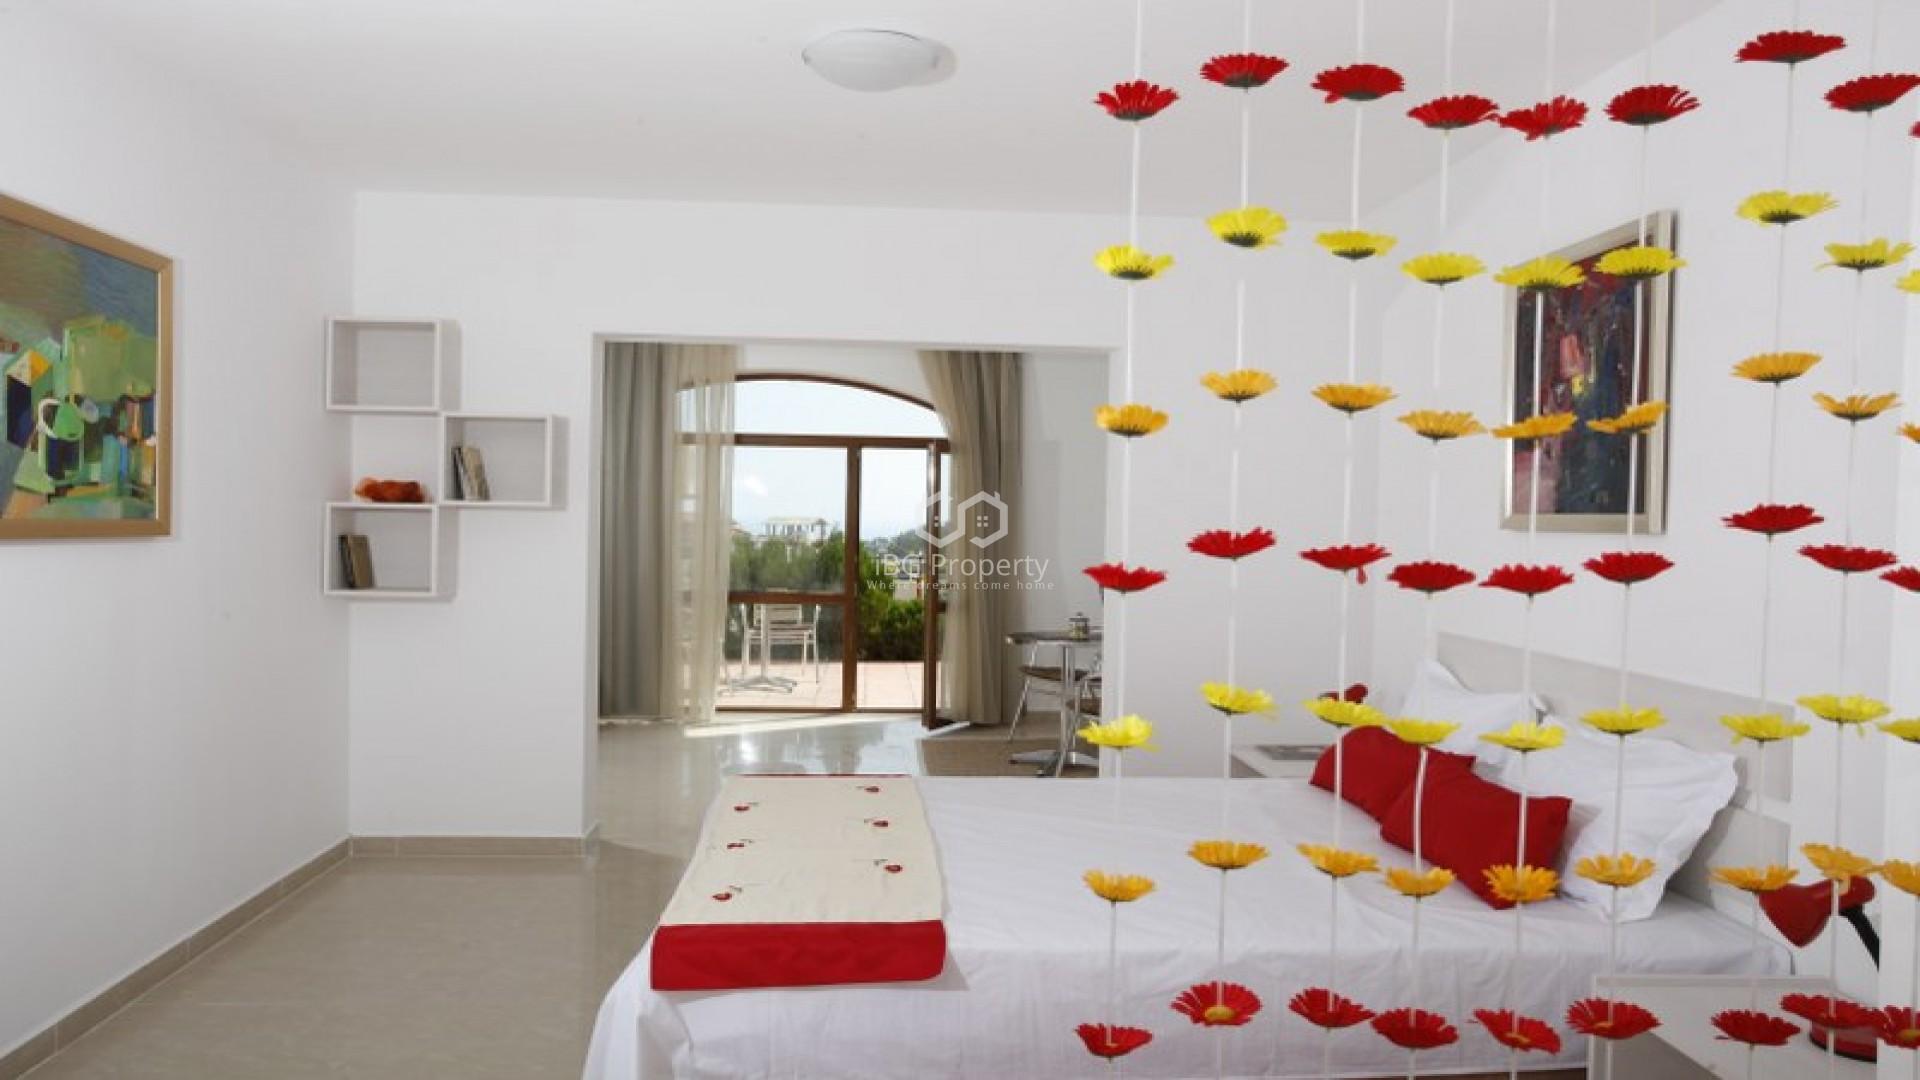 ЕКСКЛУЗИВНО ПРЕДЛОЖЕНИЕ! Двустаен апартамент Бяла  69 m2